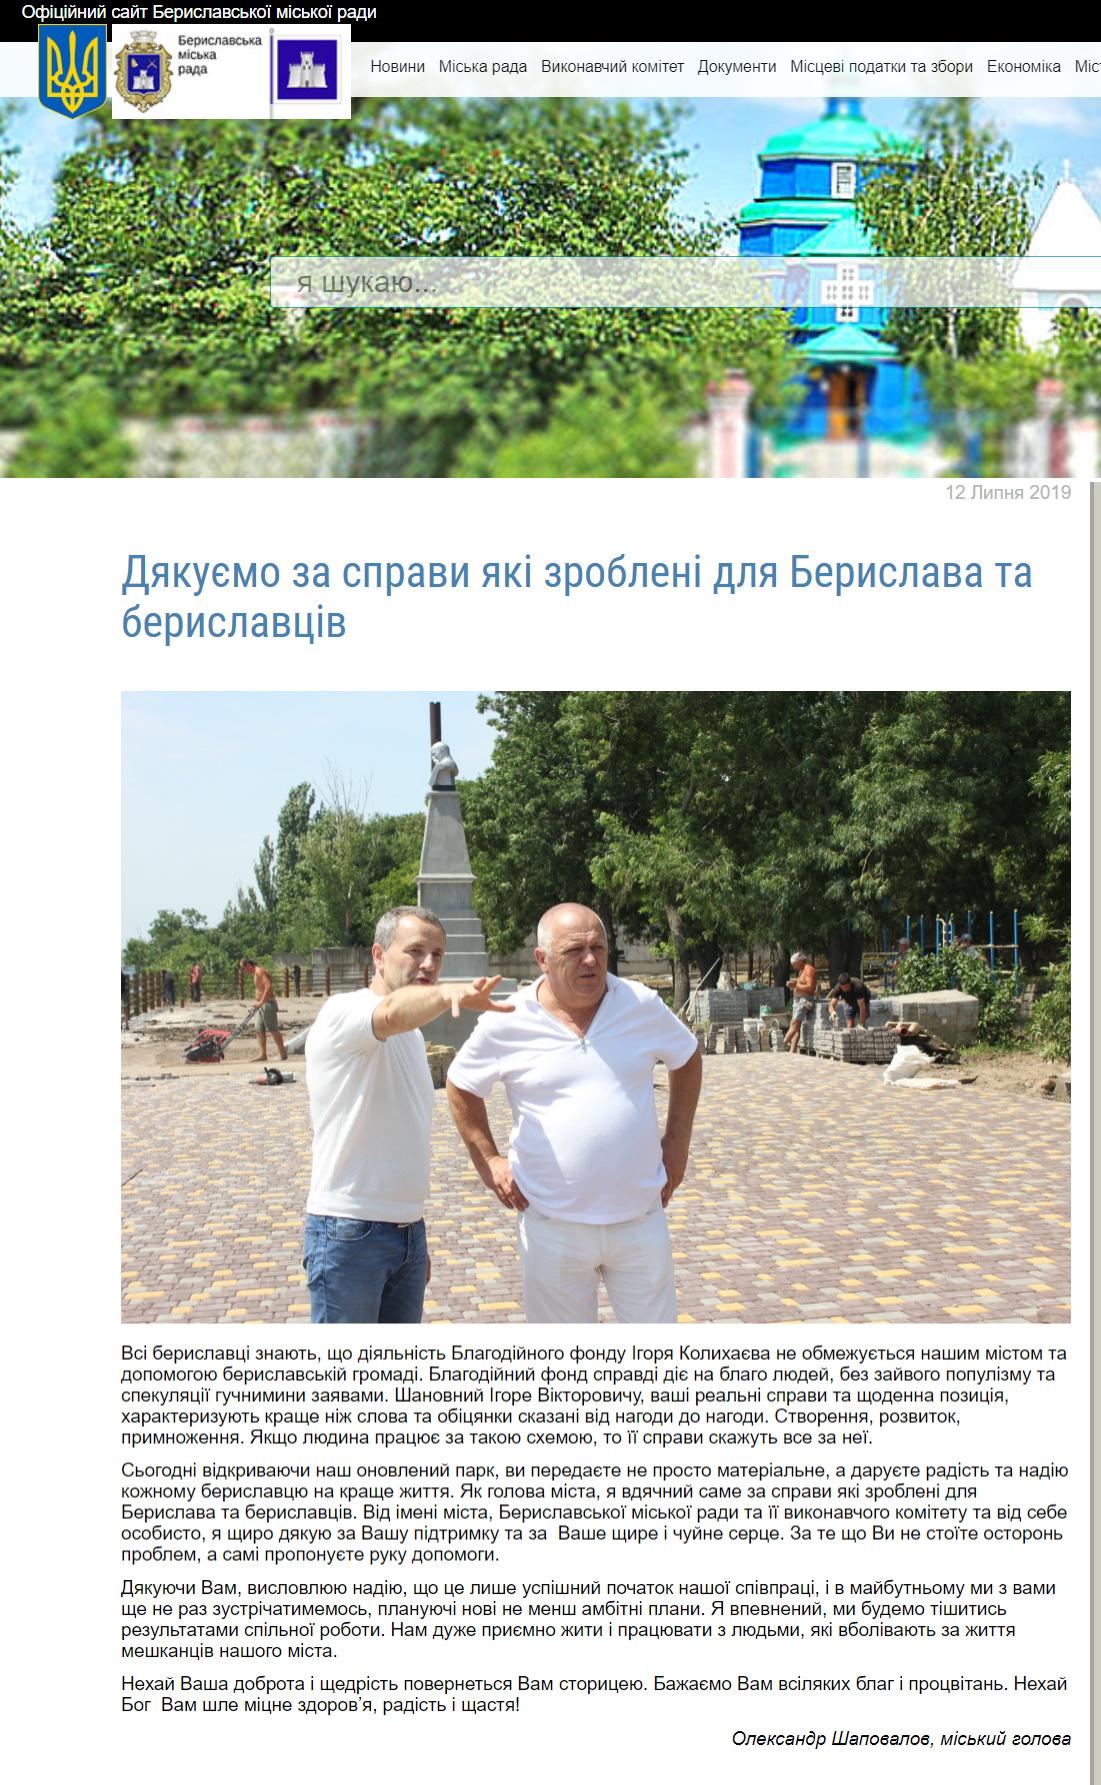 Херсонщина: перед виборами кандидат в народні депутати профінансував 2